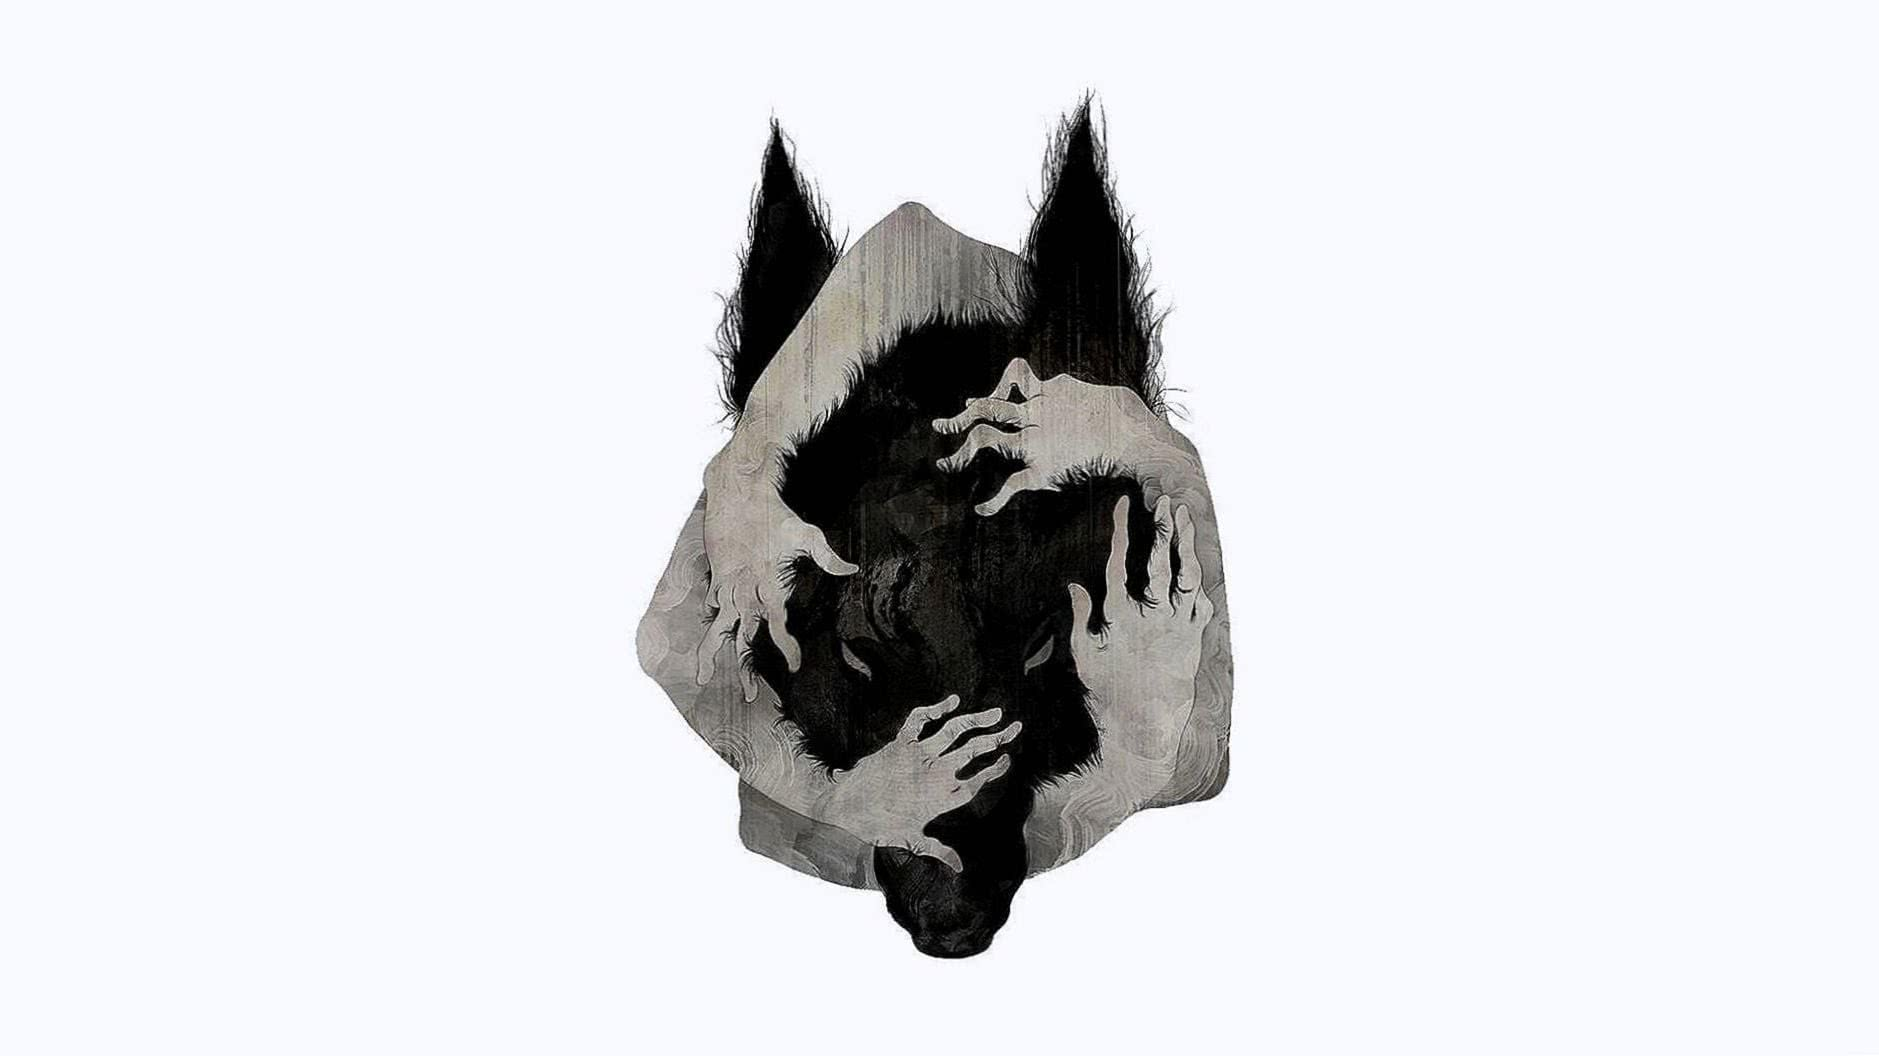 Wolf Head Art Wallpaper